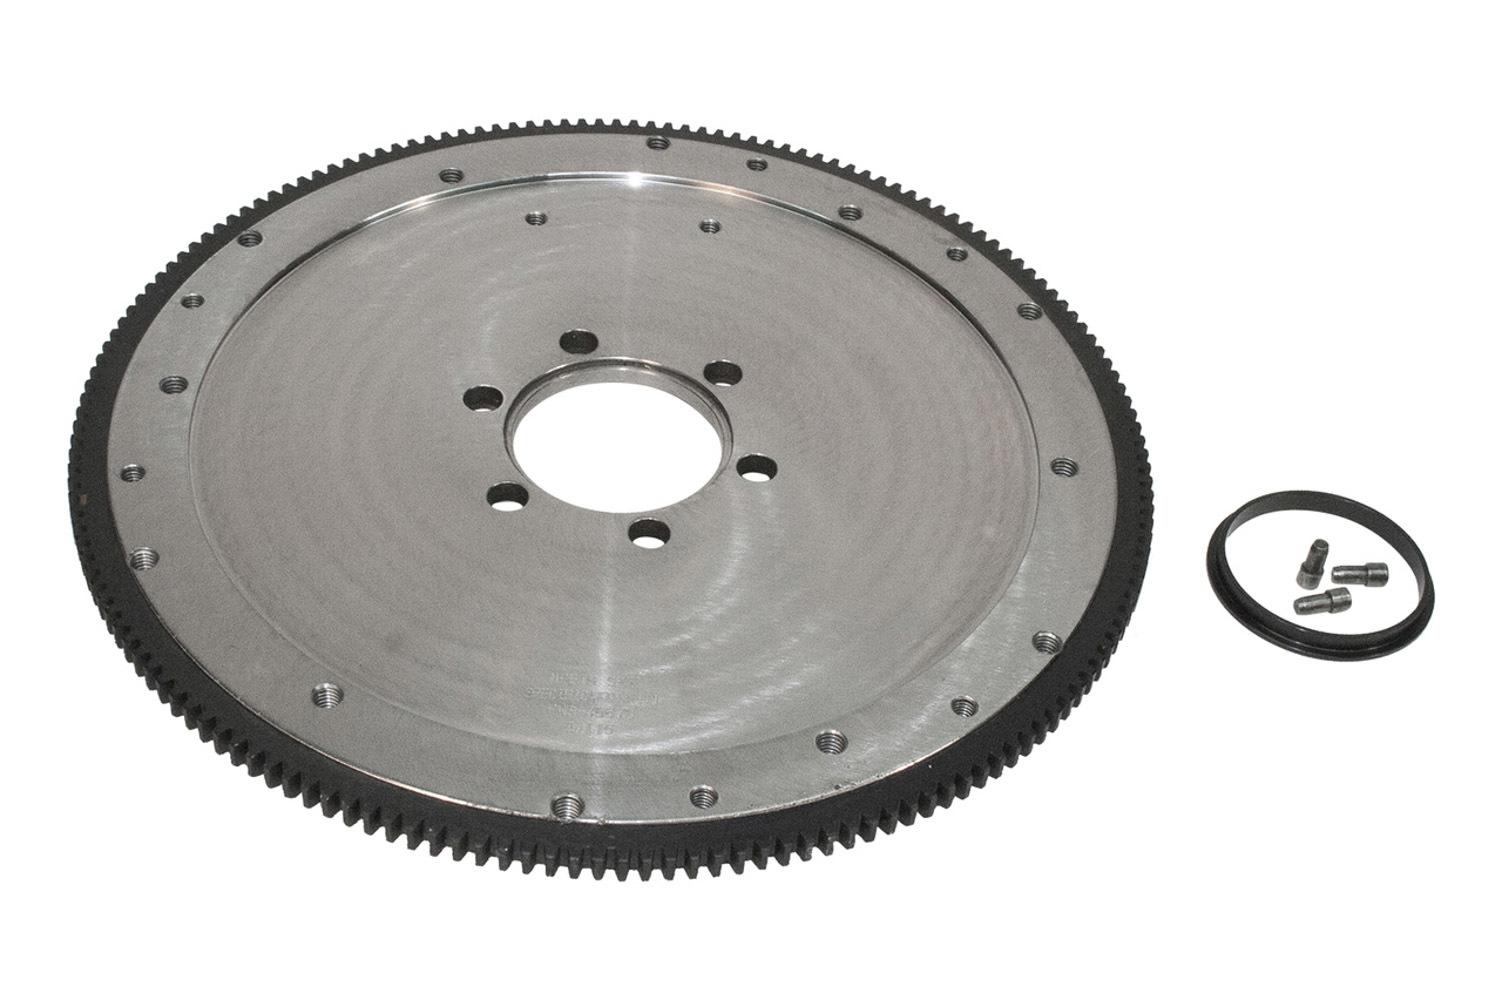 PRW Industries 1645572 Flywheel, 166 Tooth, 30.35 lb, SFI 1.1, Steel, Internal Balance, 2 Piece Seal, Pontiac V8, Each